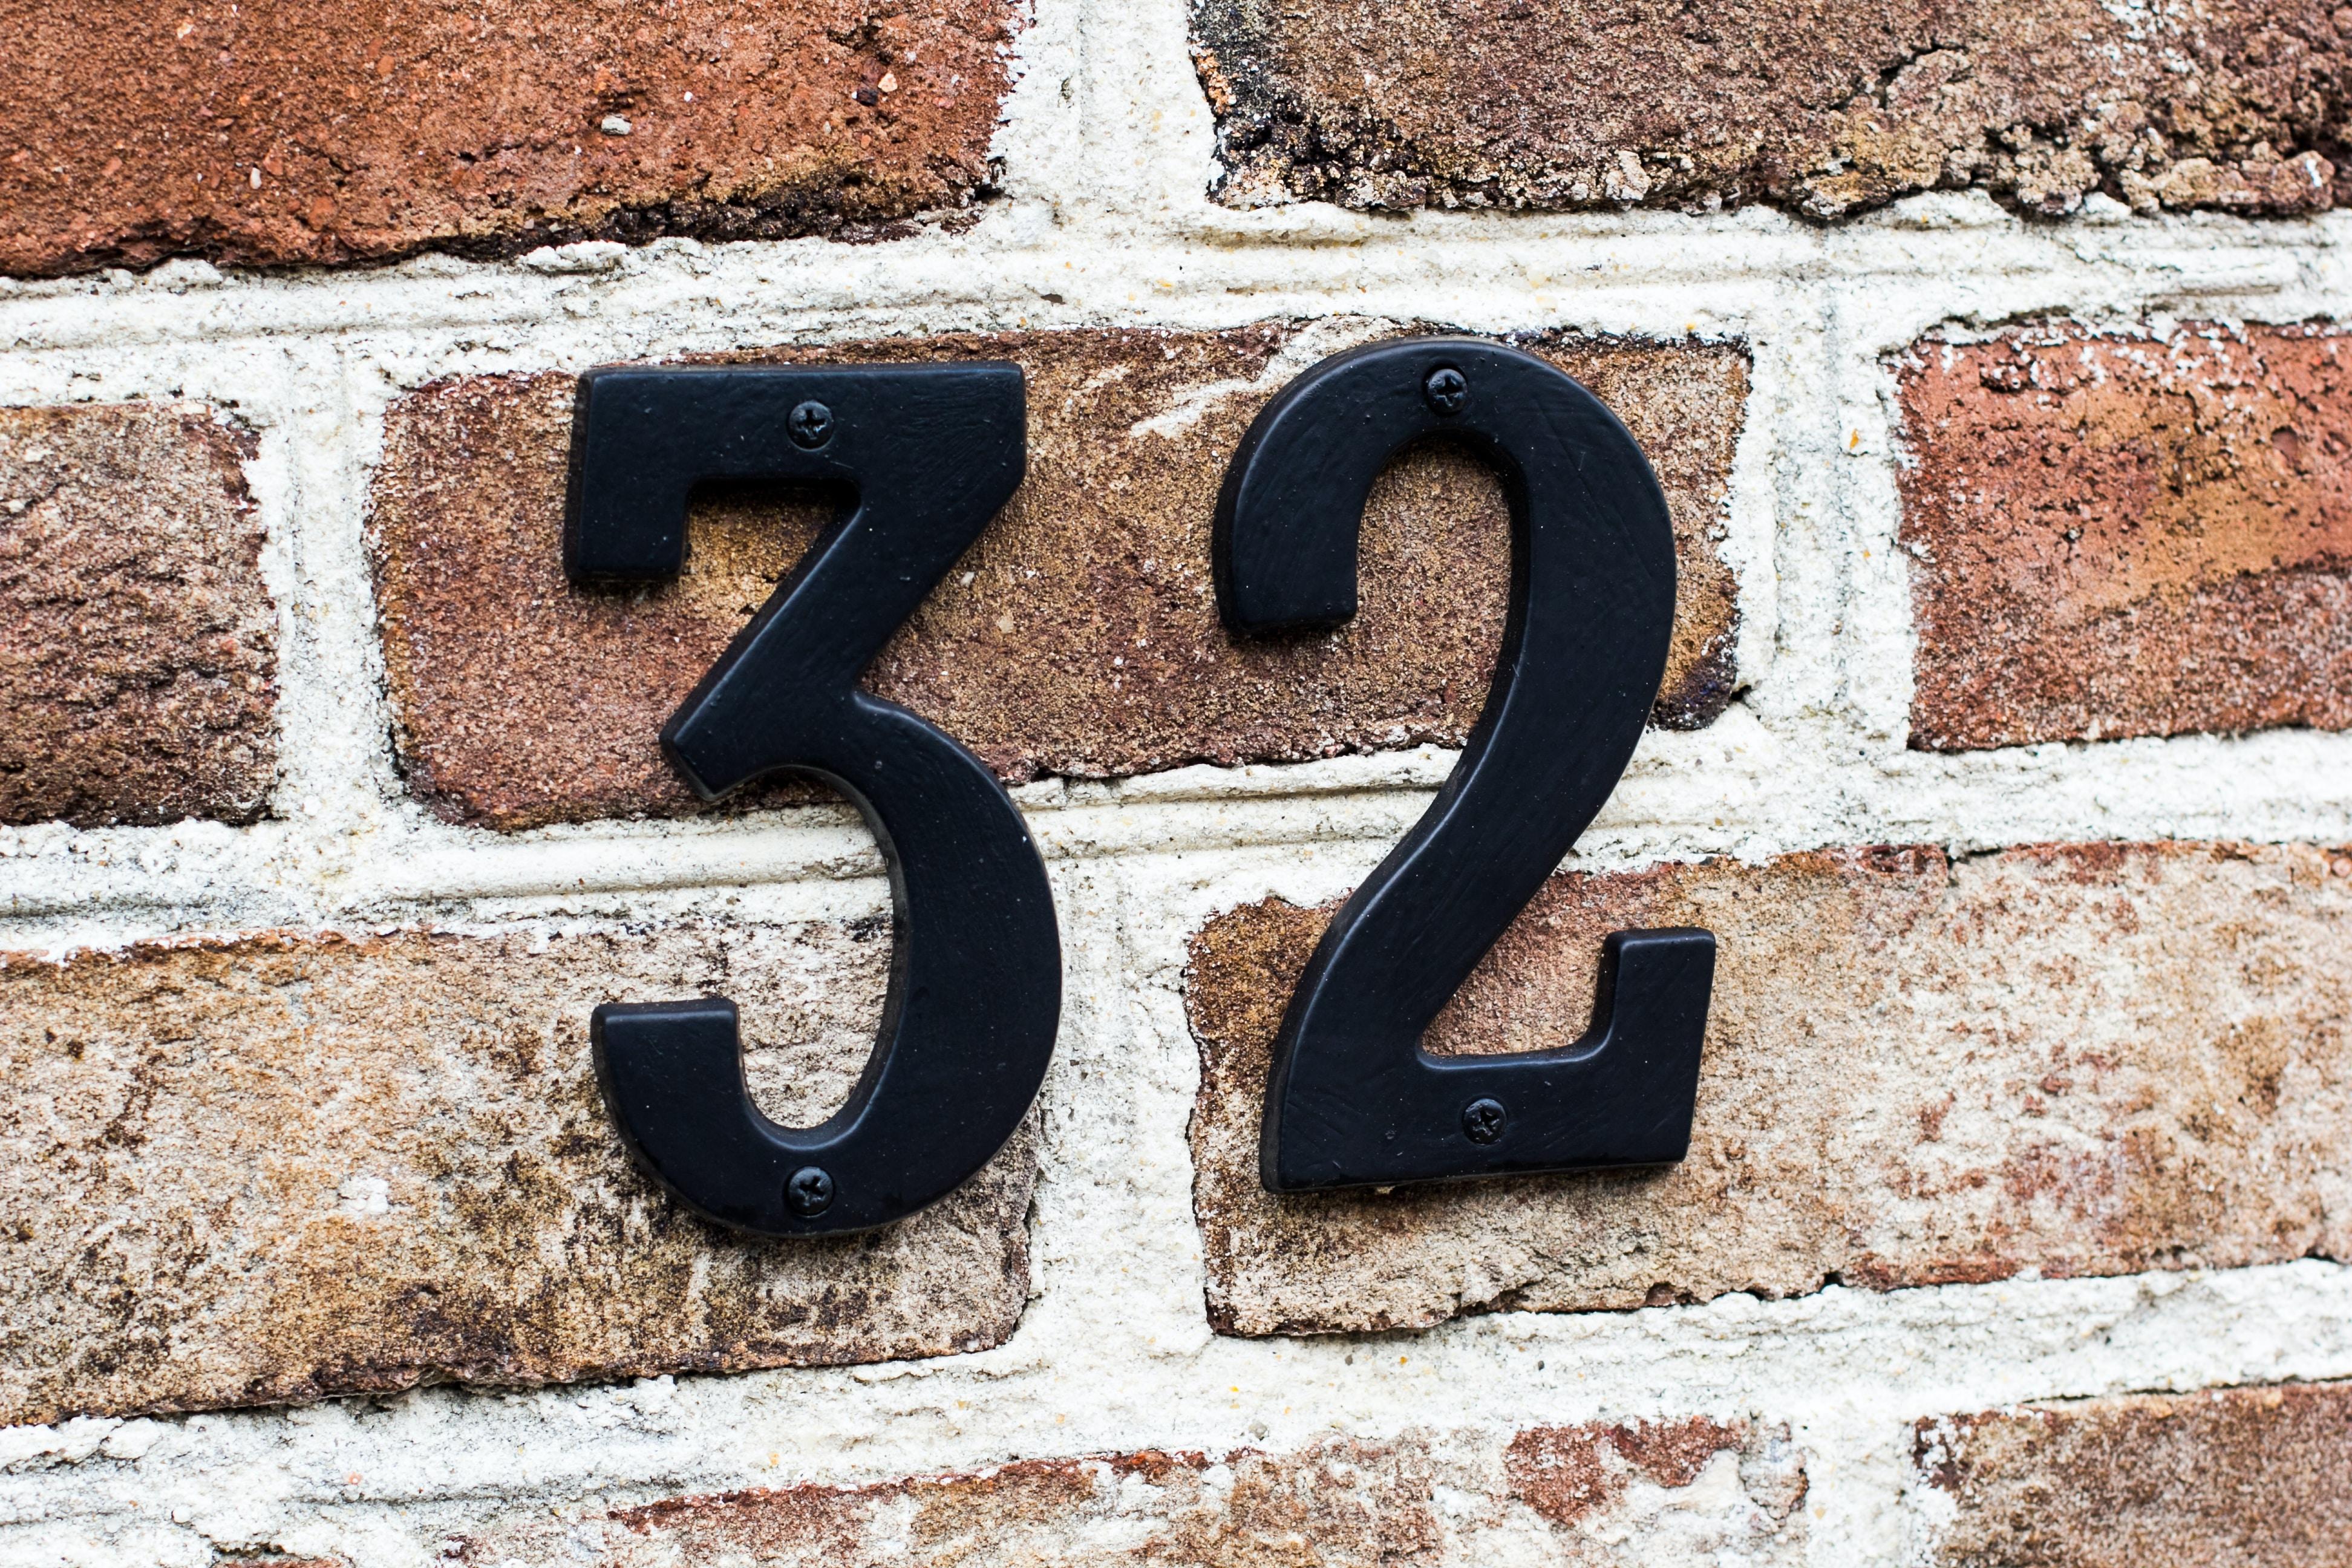 black number 32 signage